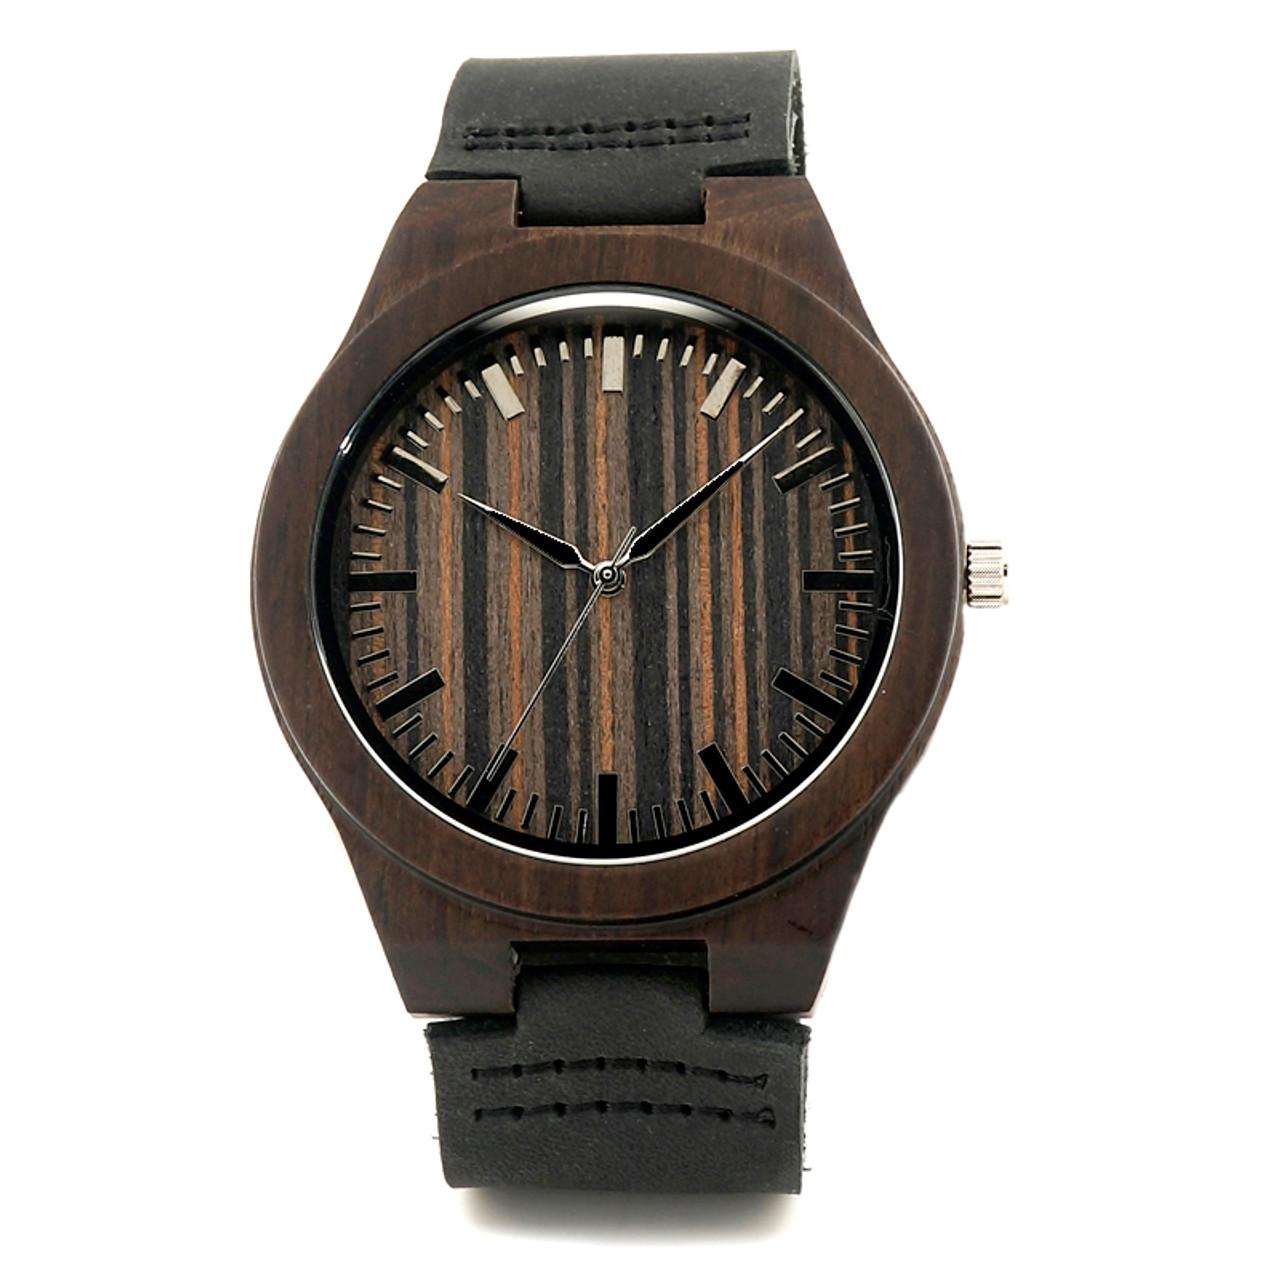 Grpn Spain - Wood Engraved Watch W#77 - Knight